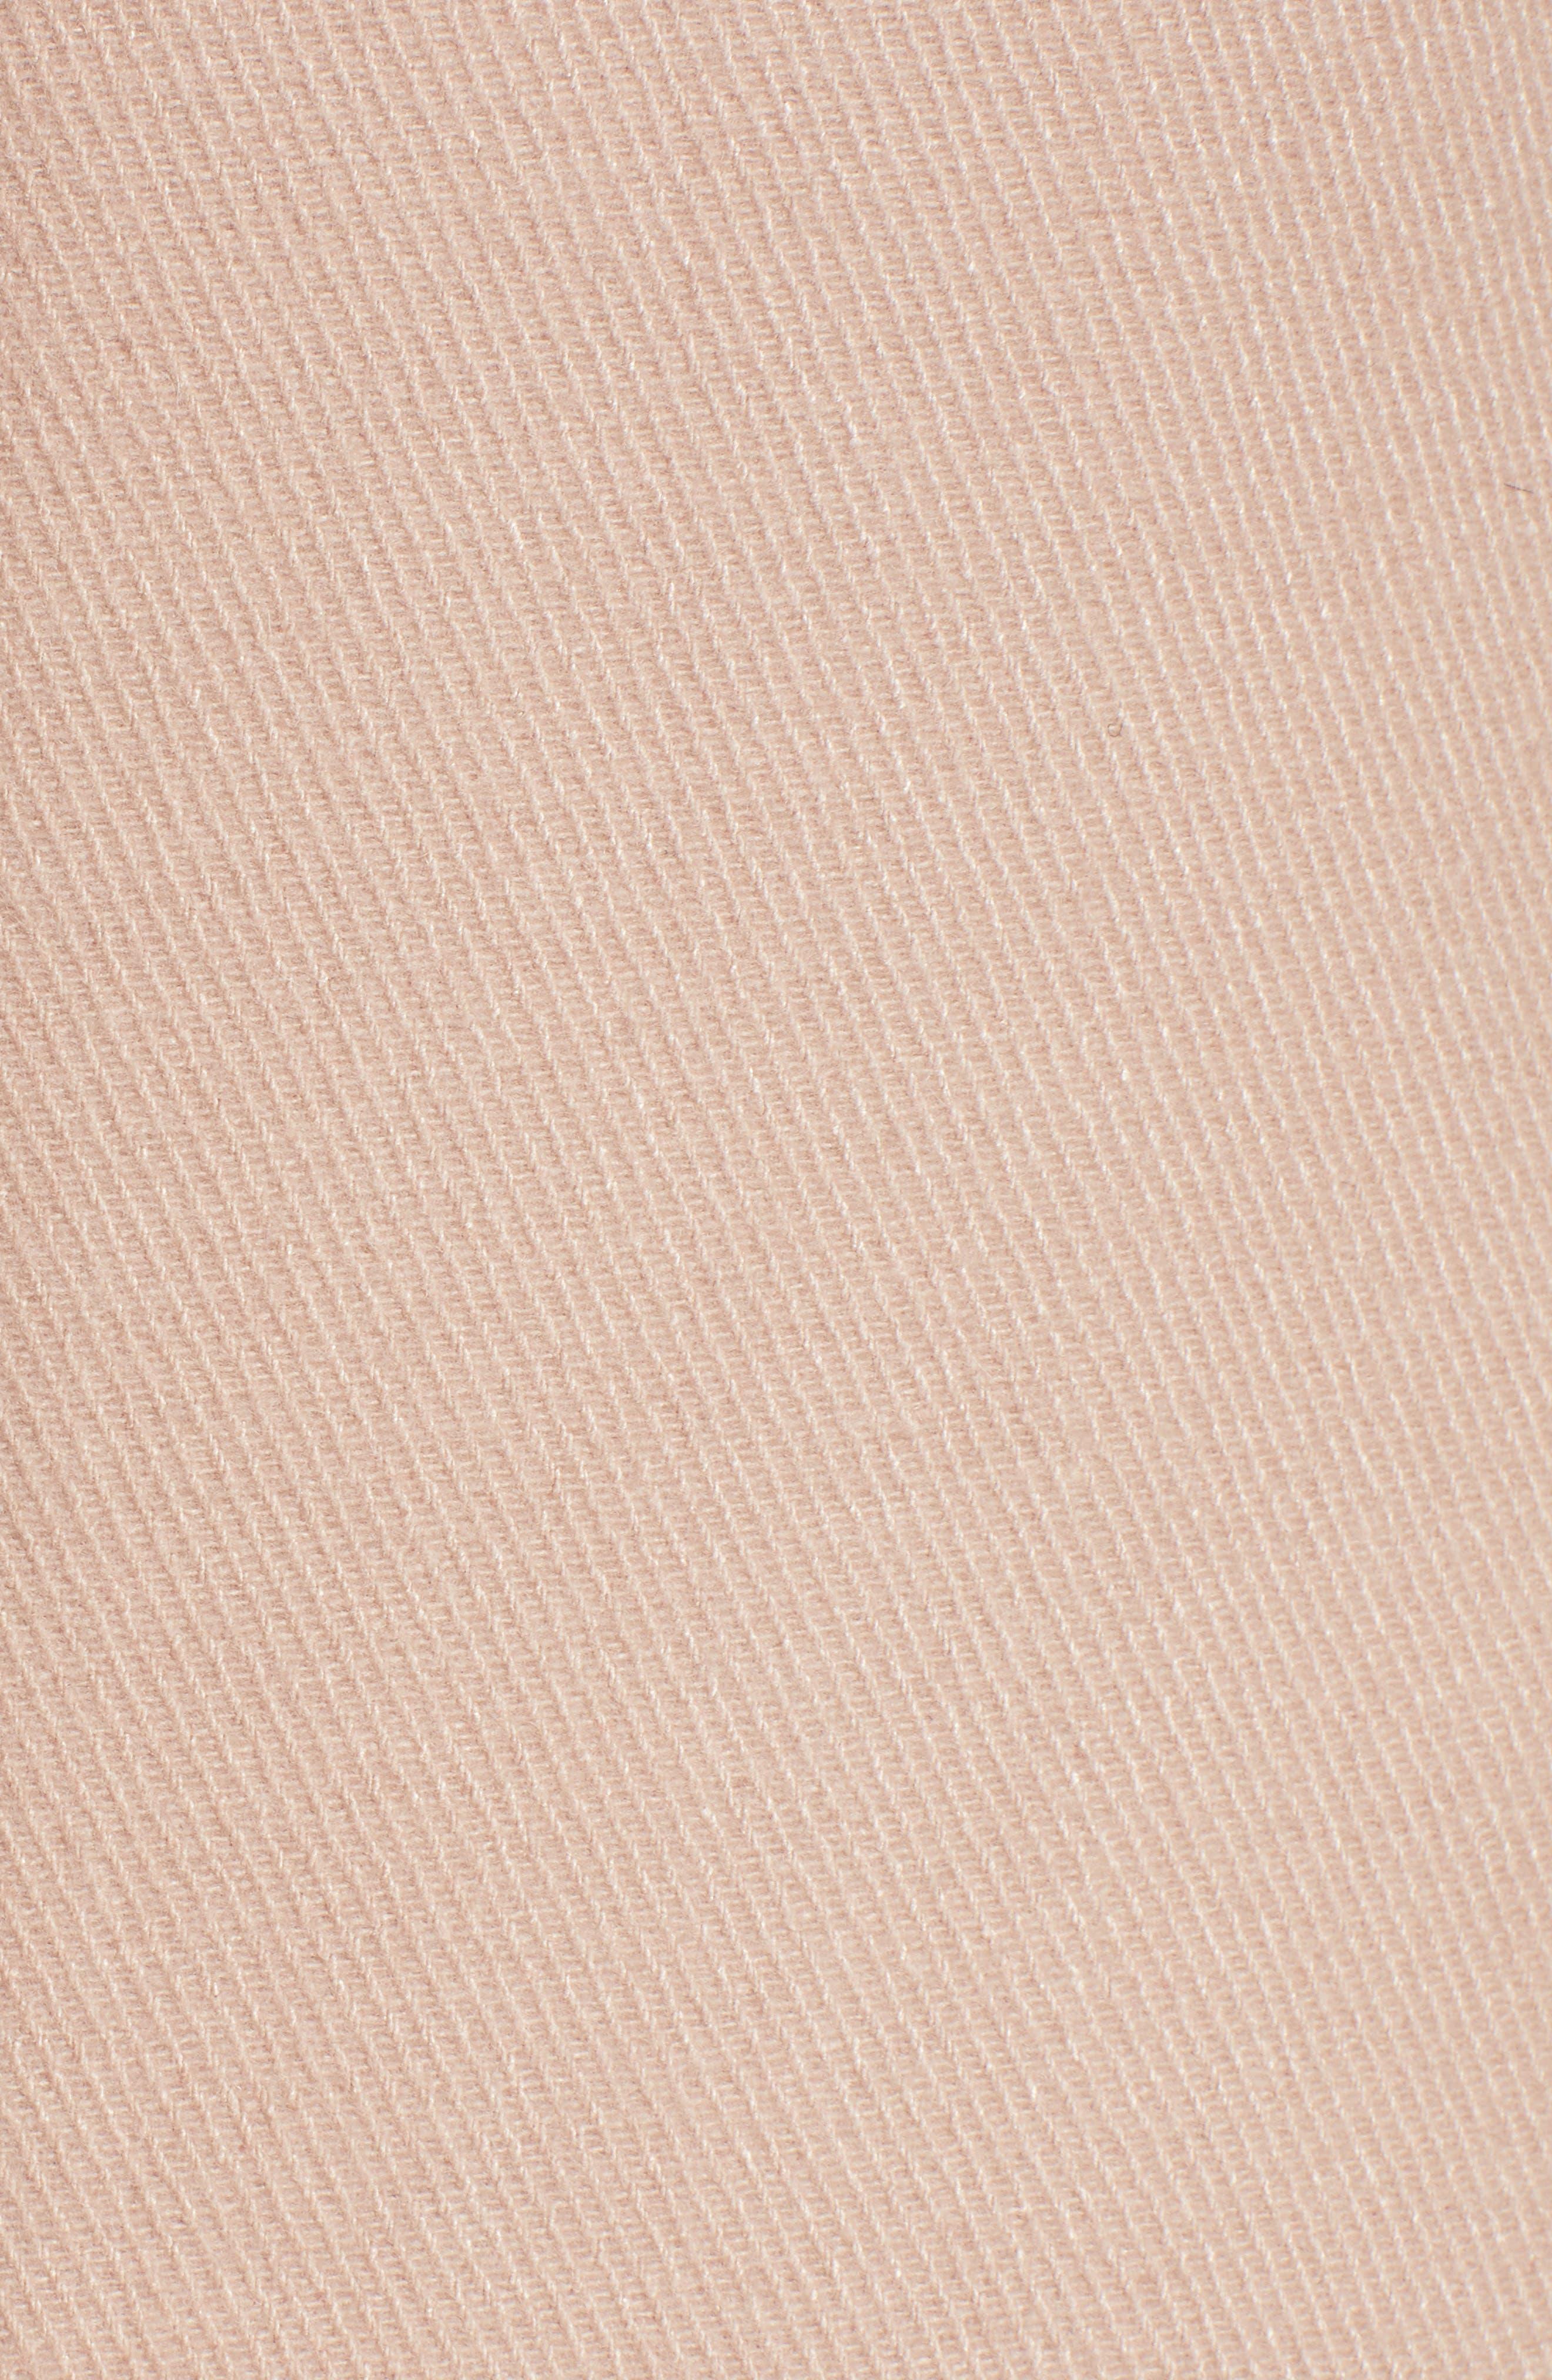 Ruffle Twill Coat,                             Alternate thumbnail 6, color,                             Blush